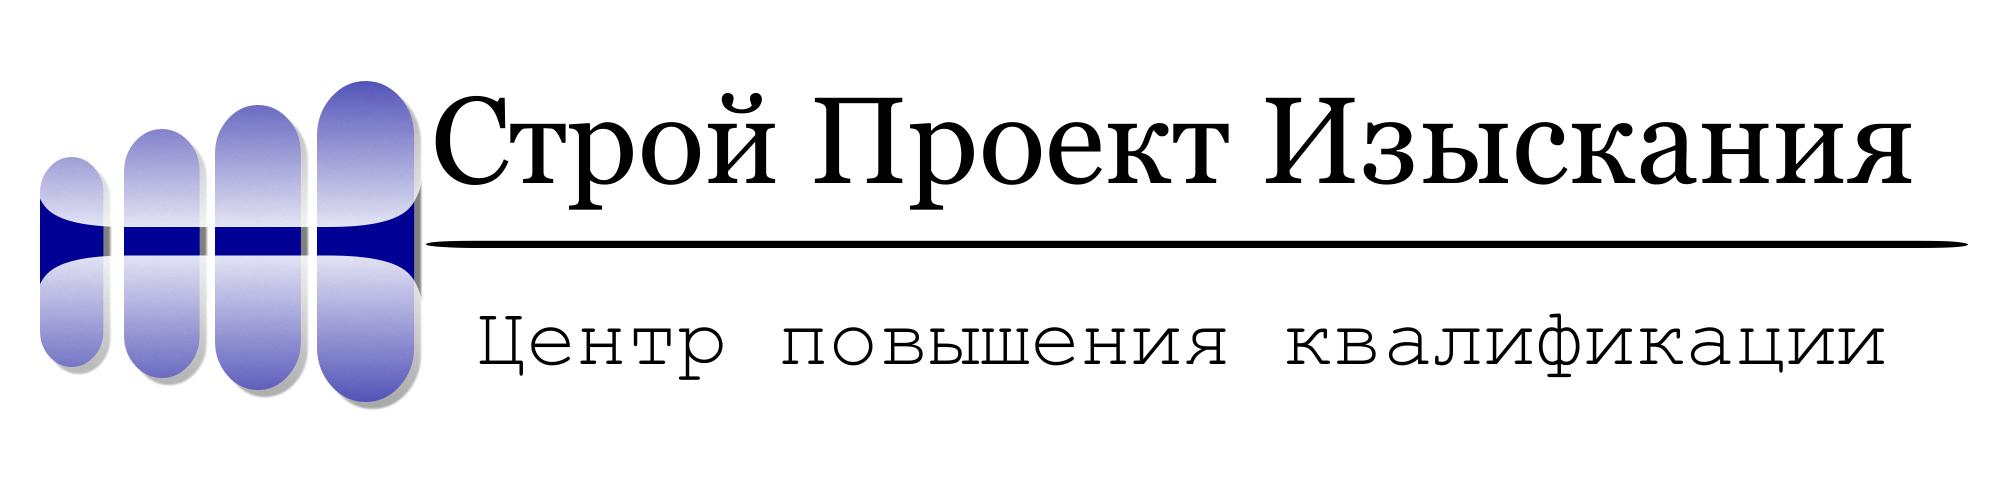 Разработка логотипа  фото f_4f3191ba49e73.png